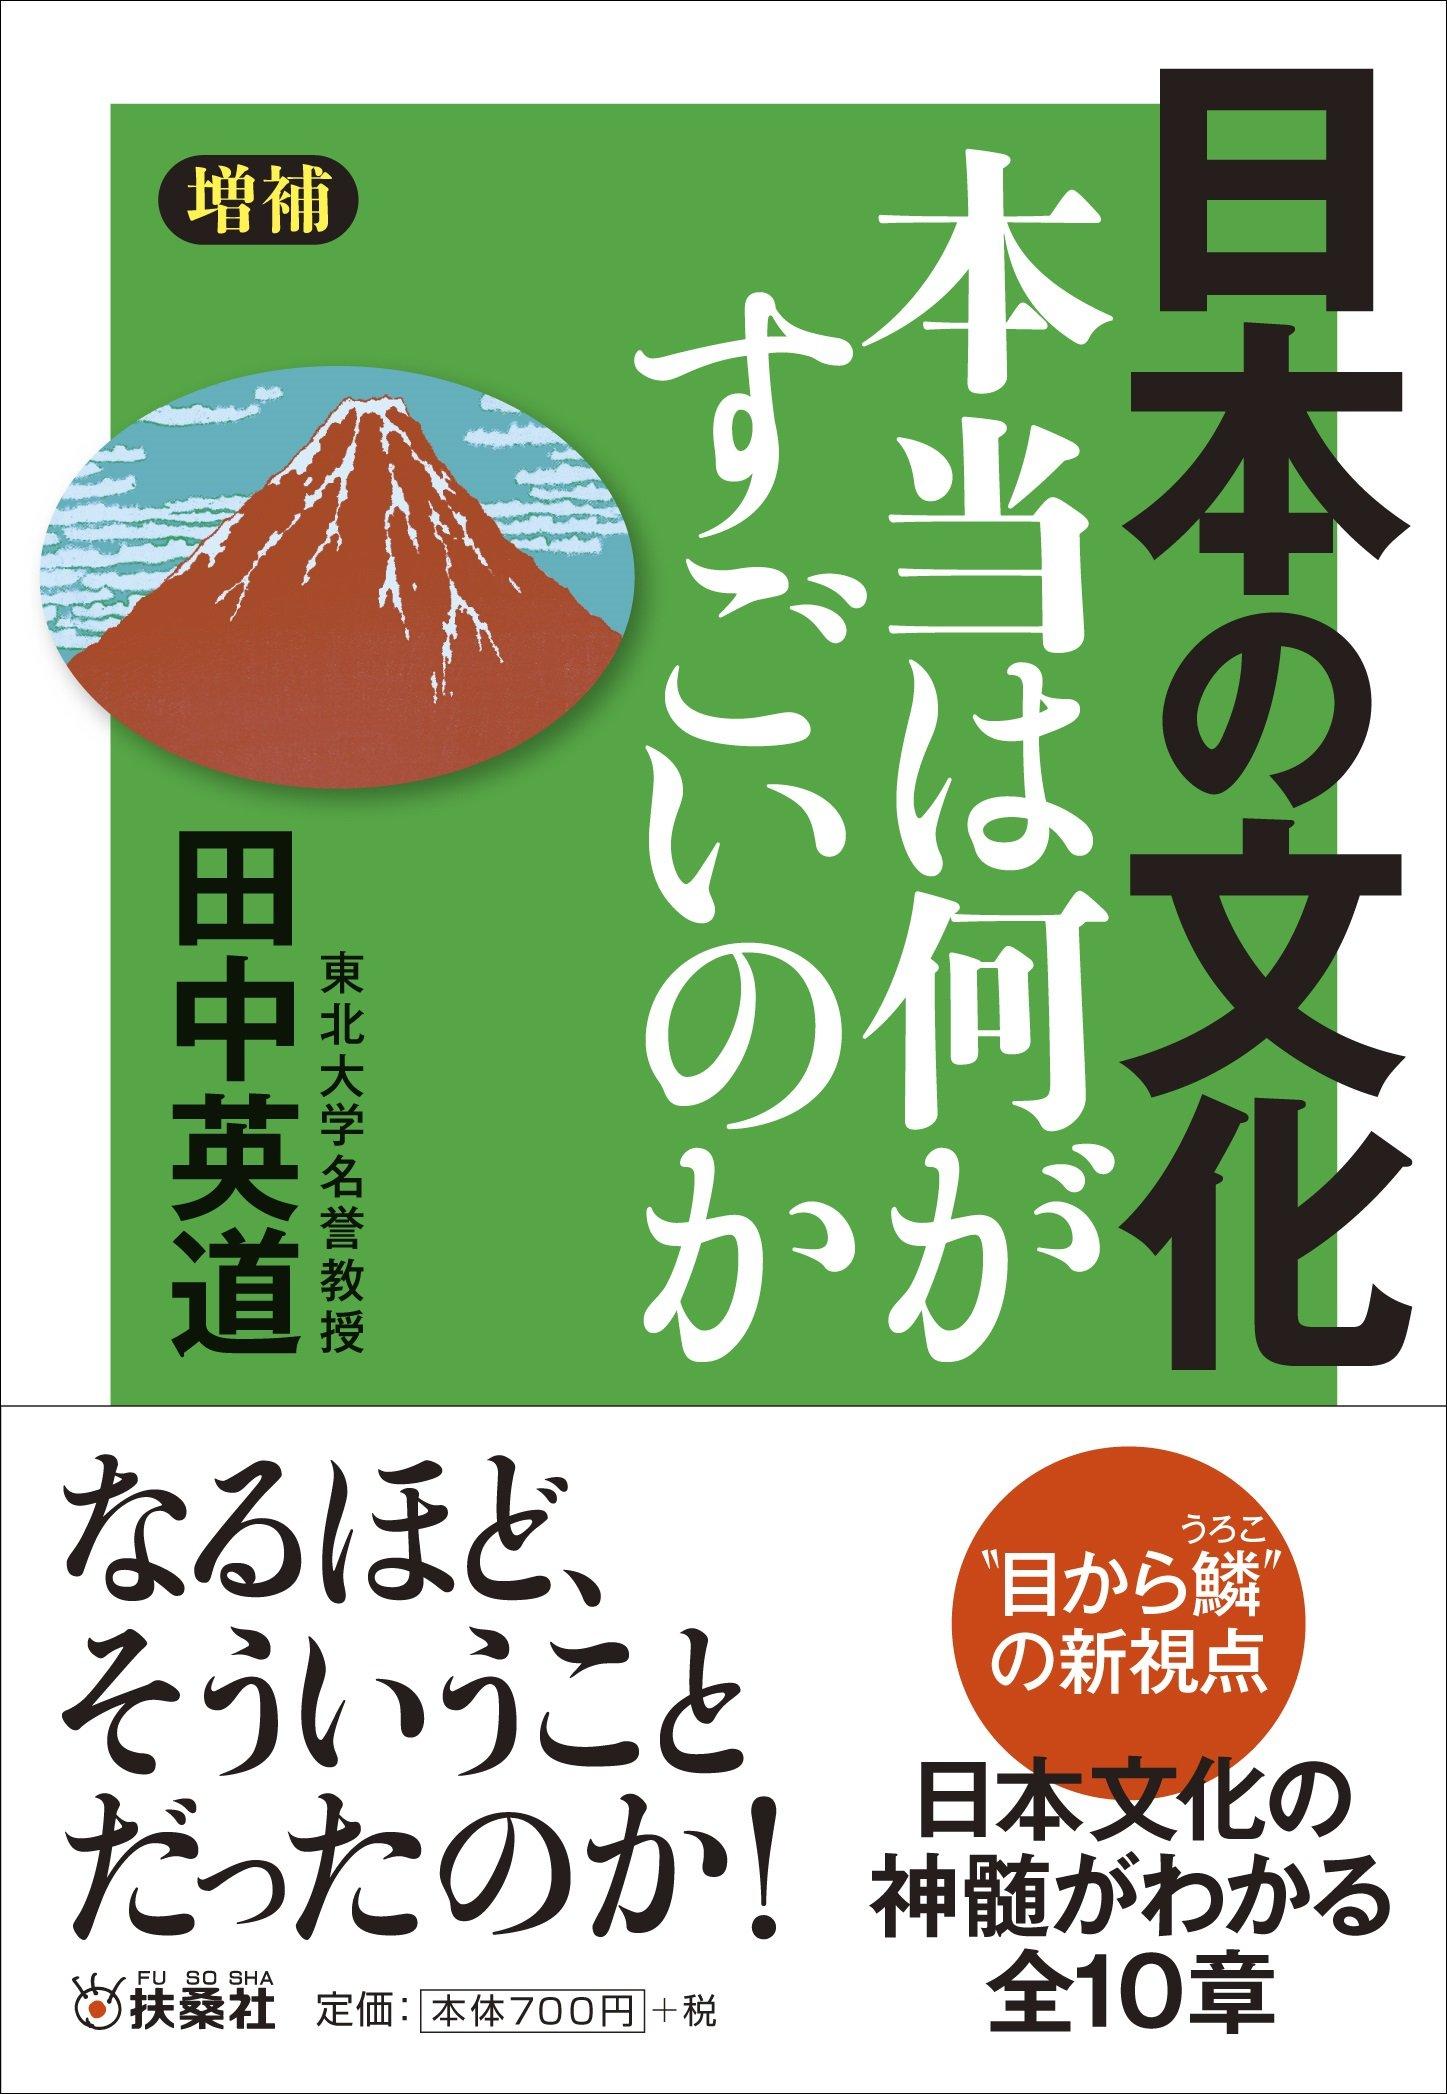 『増補版 日本の文化 本当は何がすごいのか』